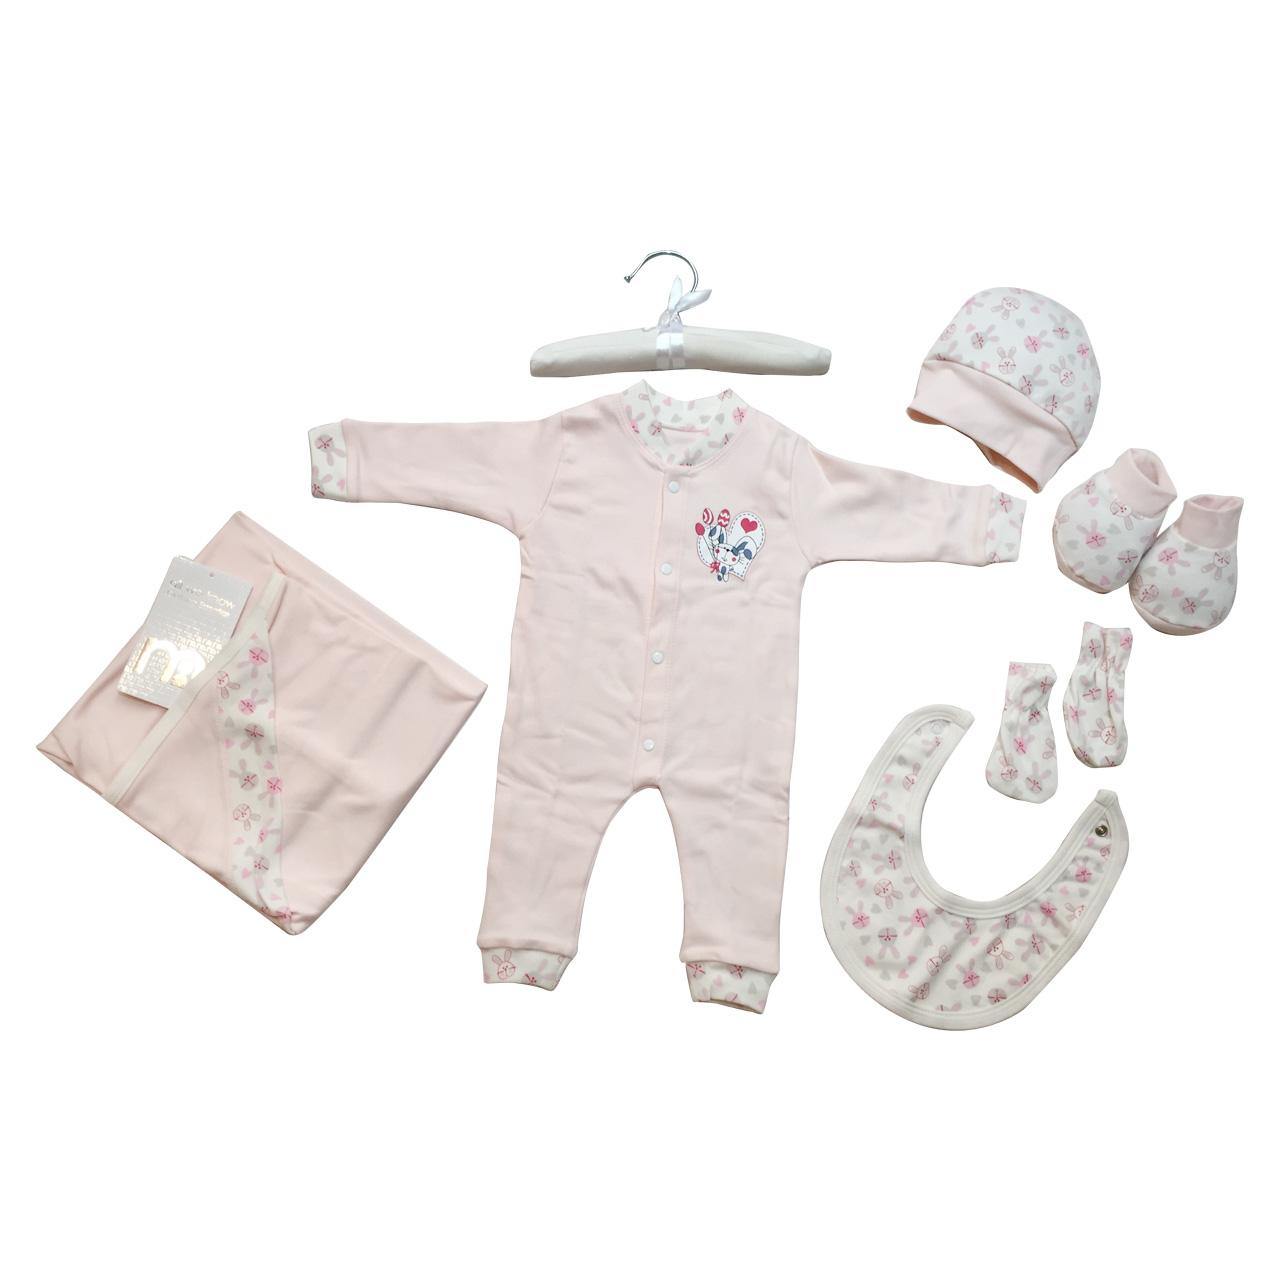 ست لباس نوزادی مادرکر Mothercare مدل RABBIT